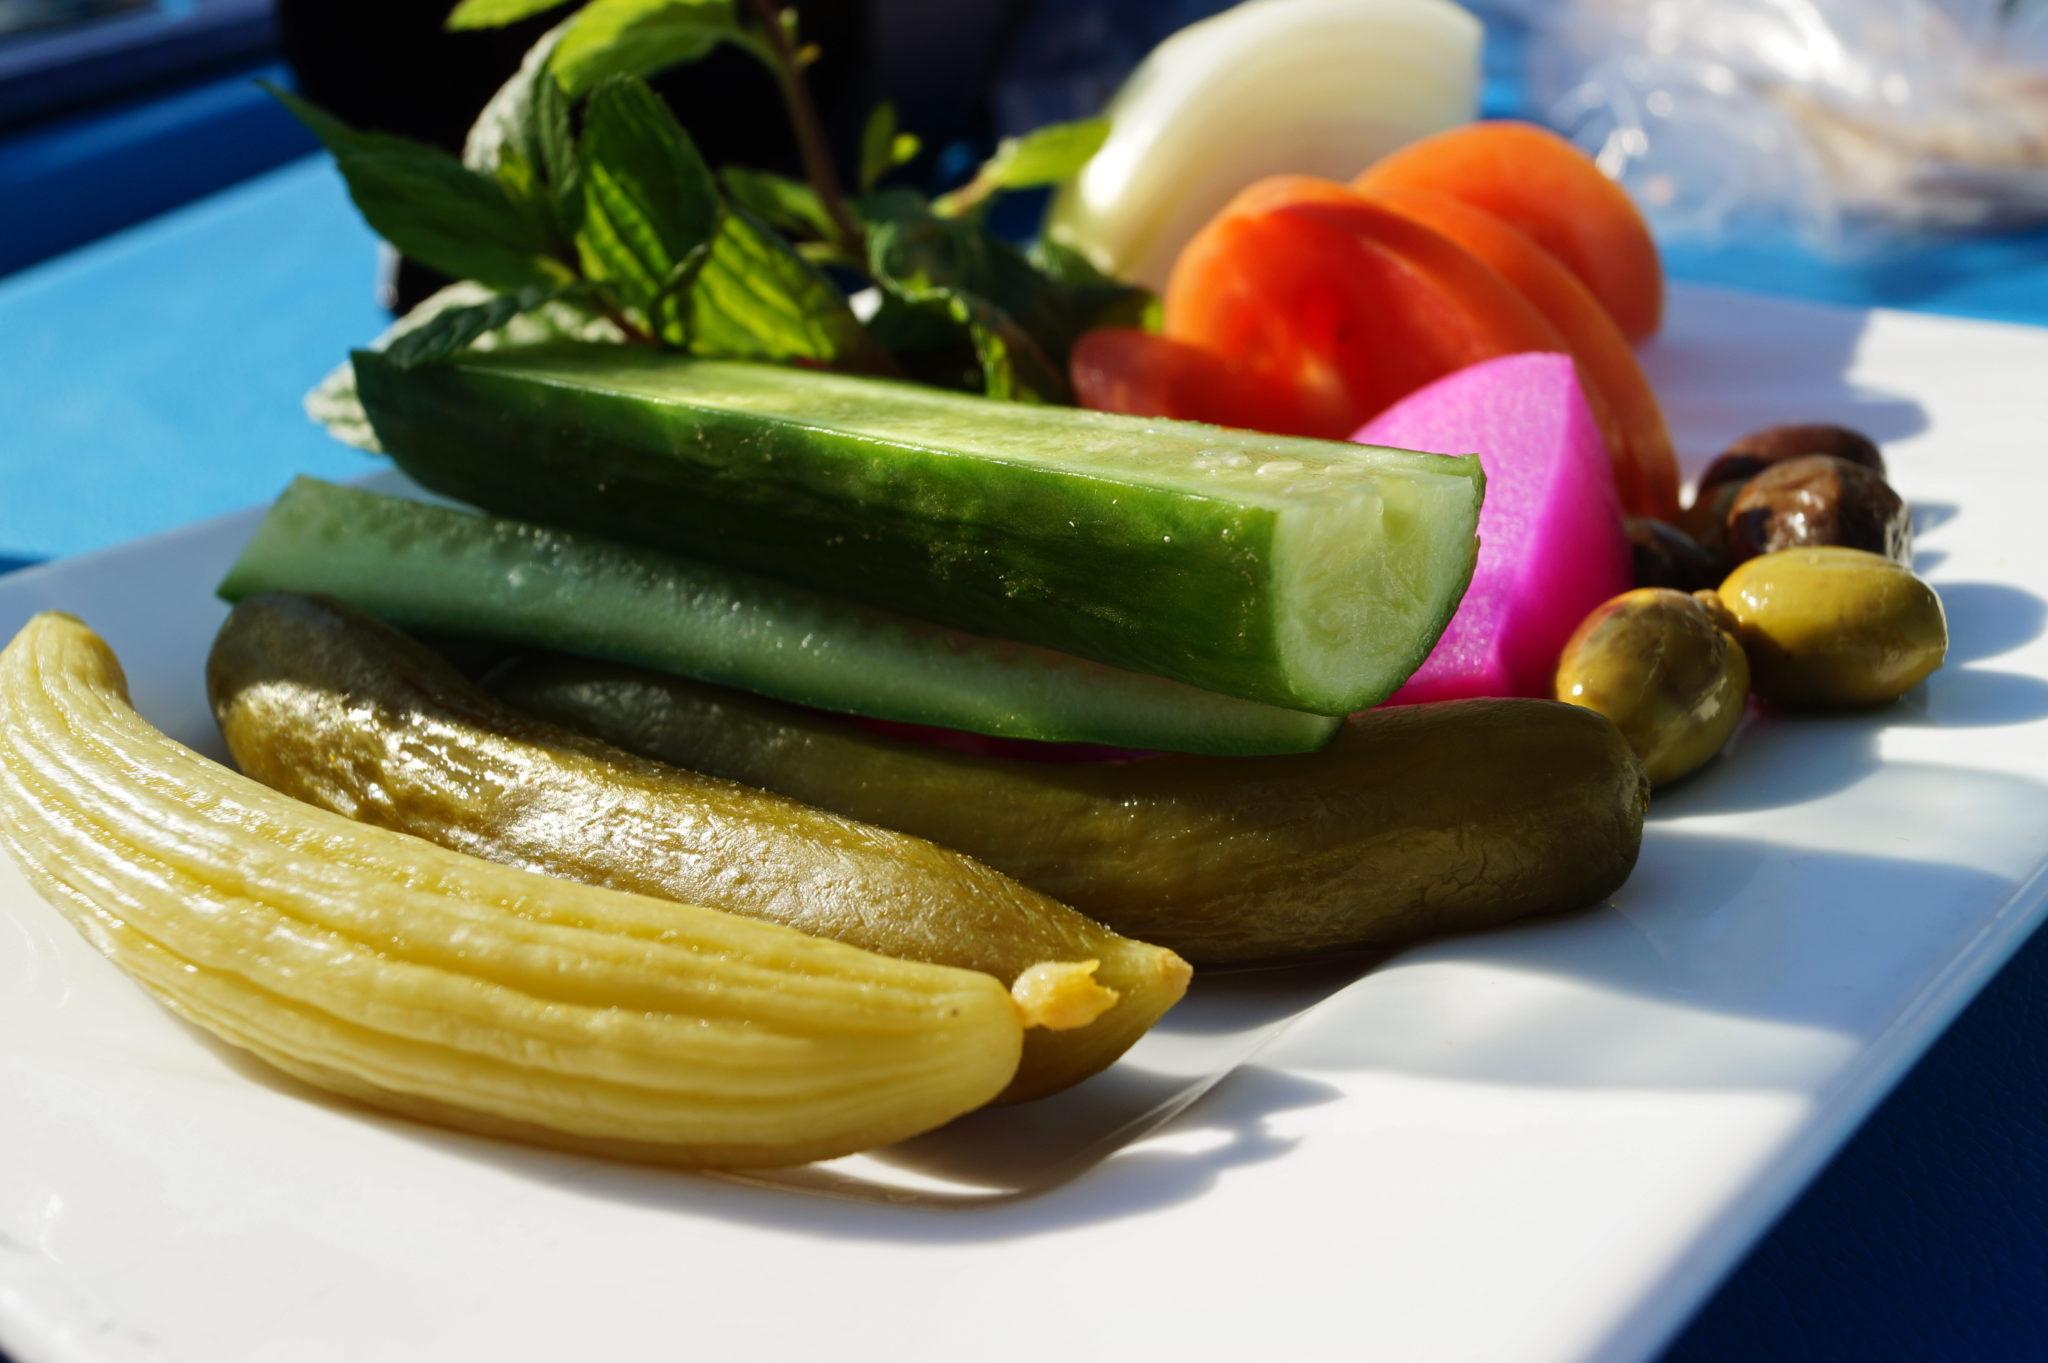 Frisches Gemüse gibt es im Libanon zu jeder Mahlzeit